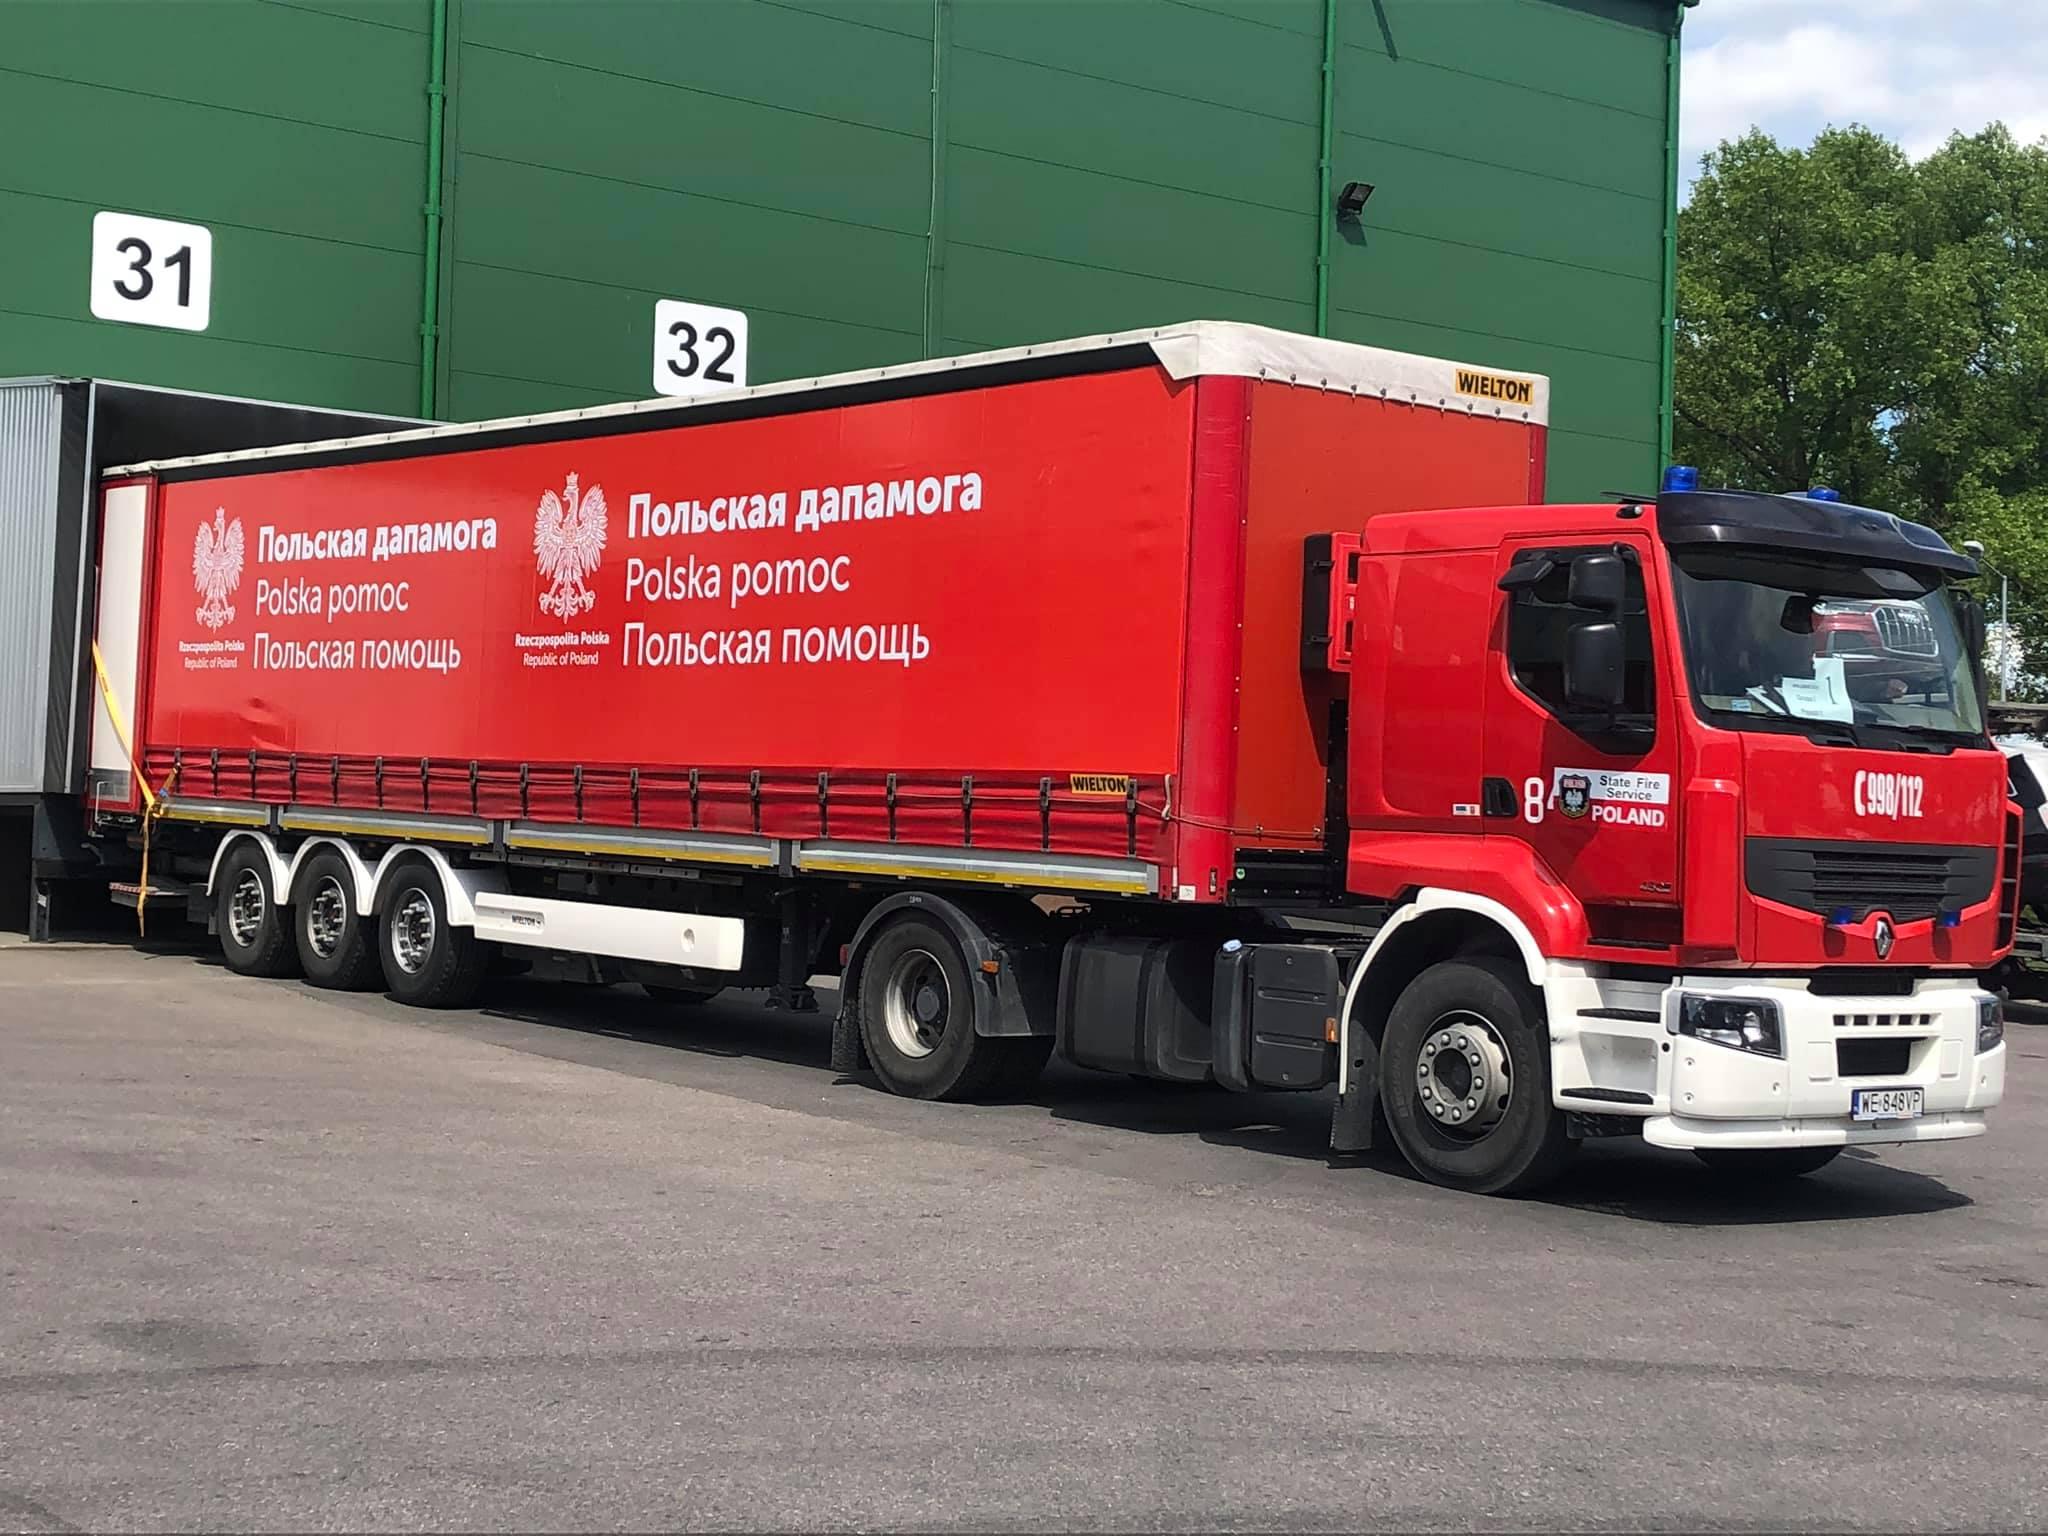 Гуманитарный груз из Польши прибыл в Беларусь